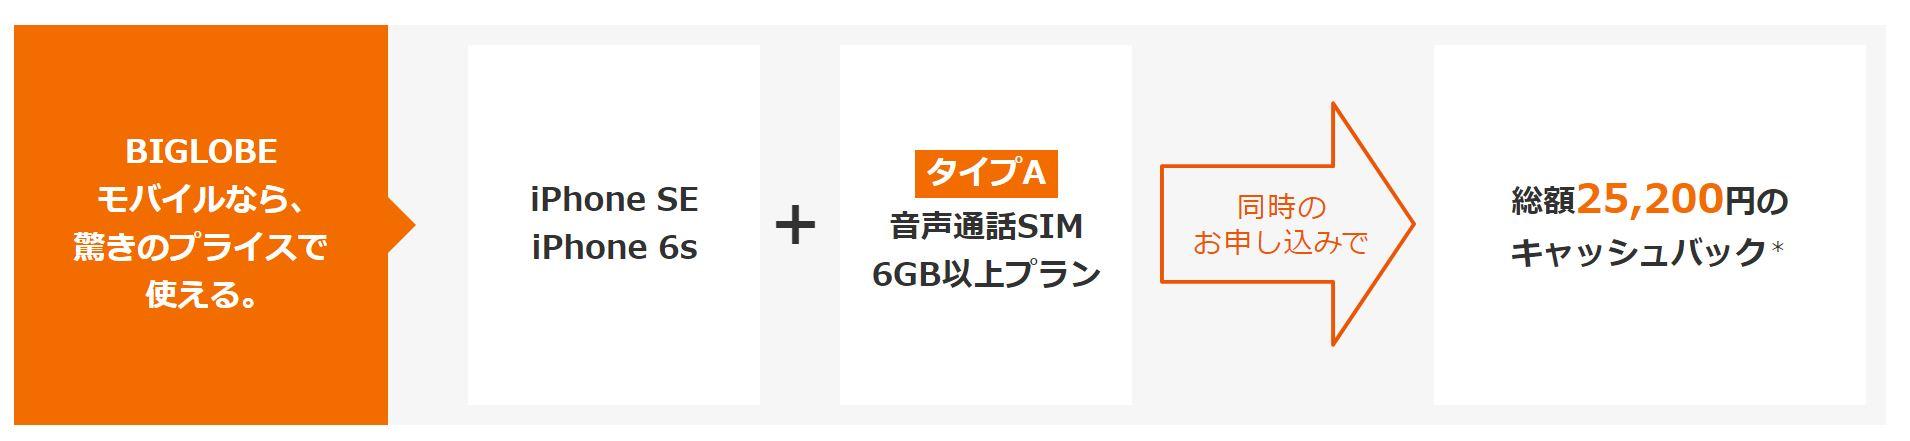 BIGLOBEなら期間限定で6GB以上のプランでiPhoneを契約すると25200円のキャッシュバック特典が貰えるキャンペーン中!